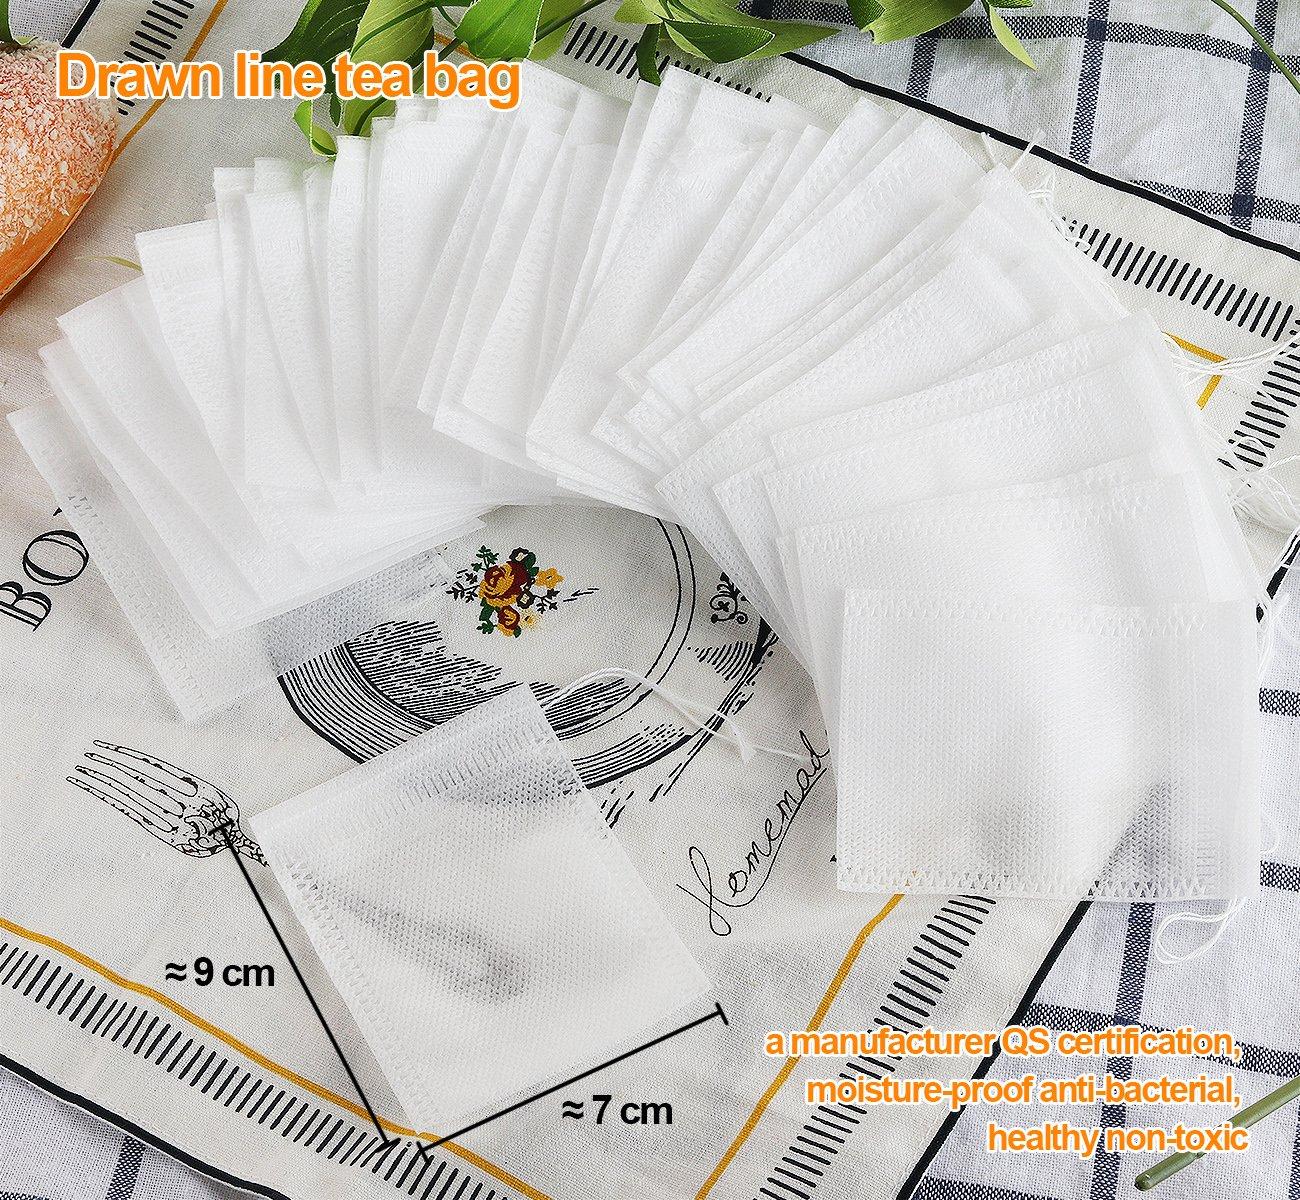 Liroyal 100PCS Sachet de Th/é Vide en Non-Tiss/é Jetable Multiusage D/éfilage Filtre /à Th/é Taille de 7cm*9cm